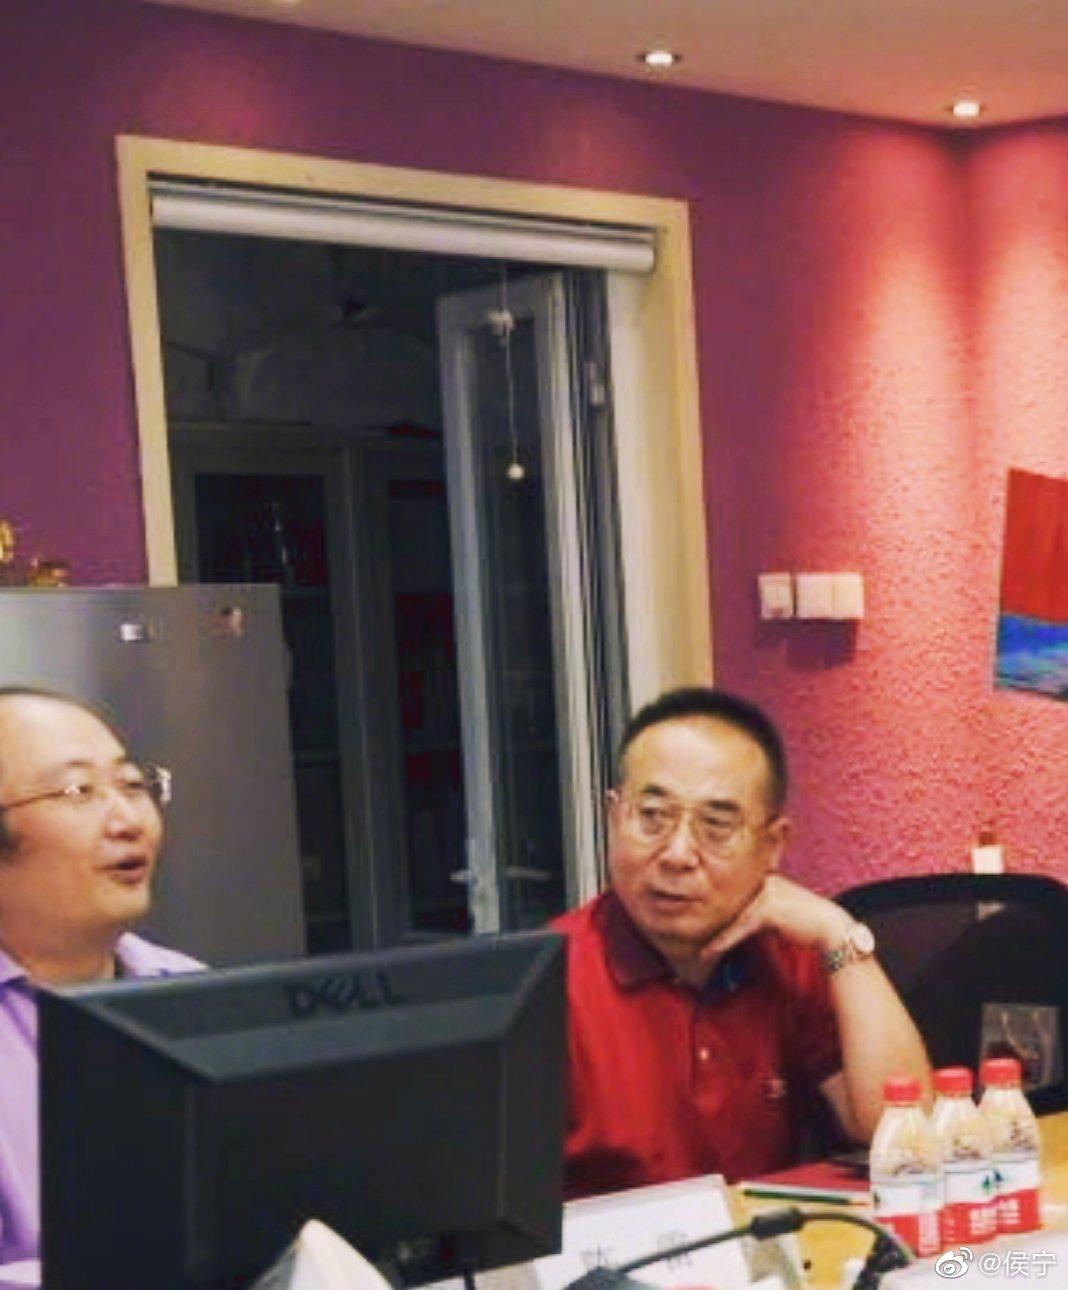 上午和华视嘉德董事长陈雷一起喝茶。陈总乃著名主持人陈铎先生之子